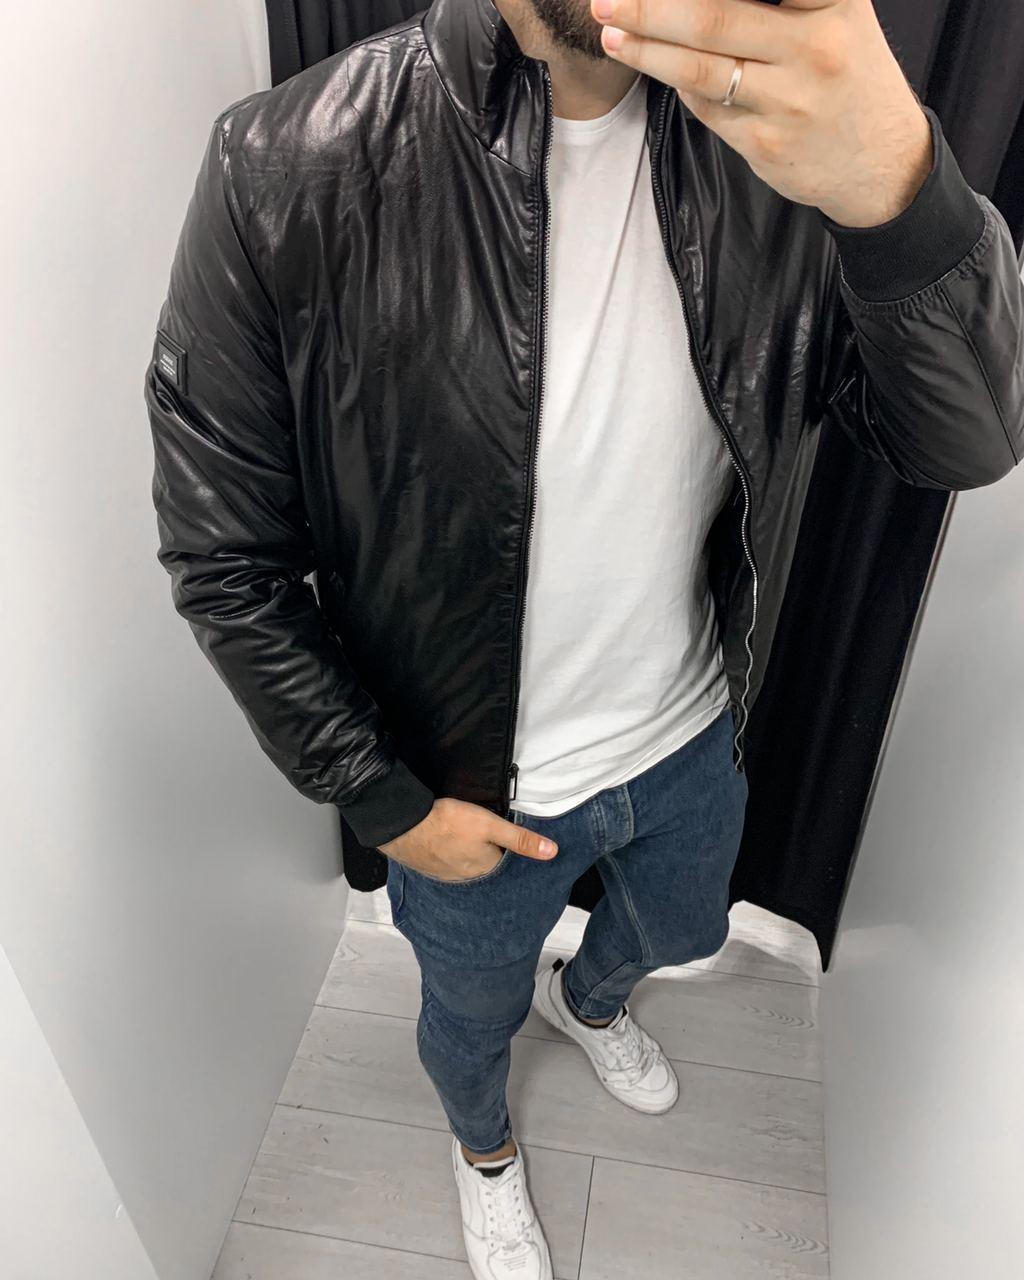 Куртка-бомбер шкіряна чорна стильна на блискавці на синтепоні Туреччина